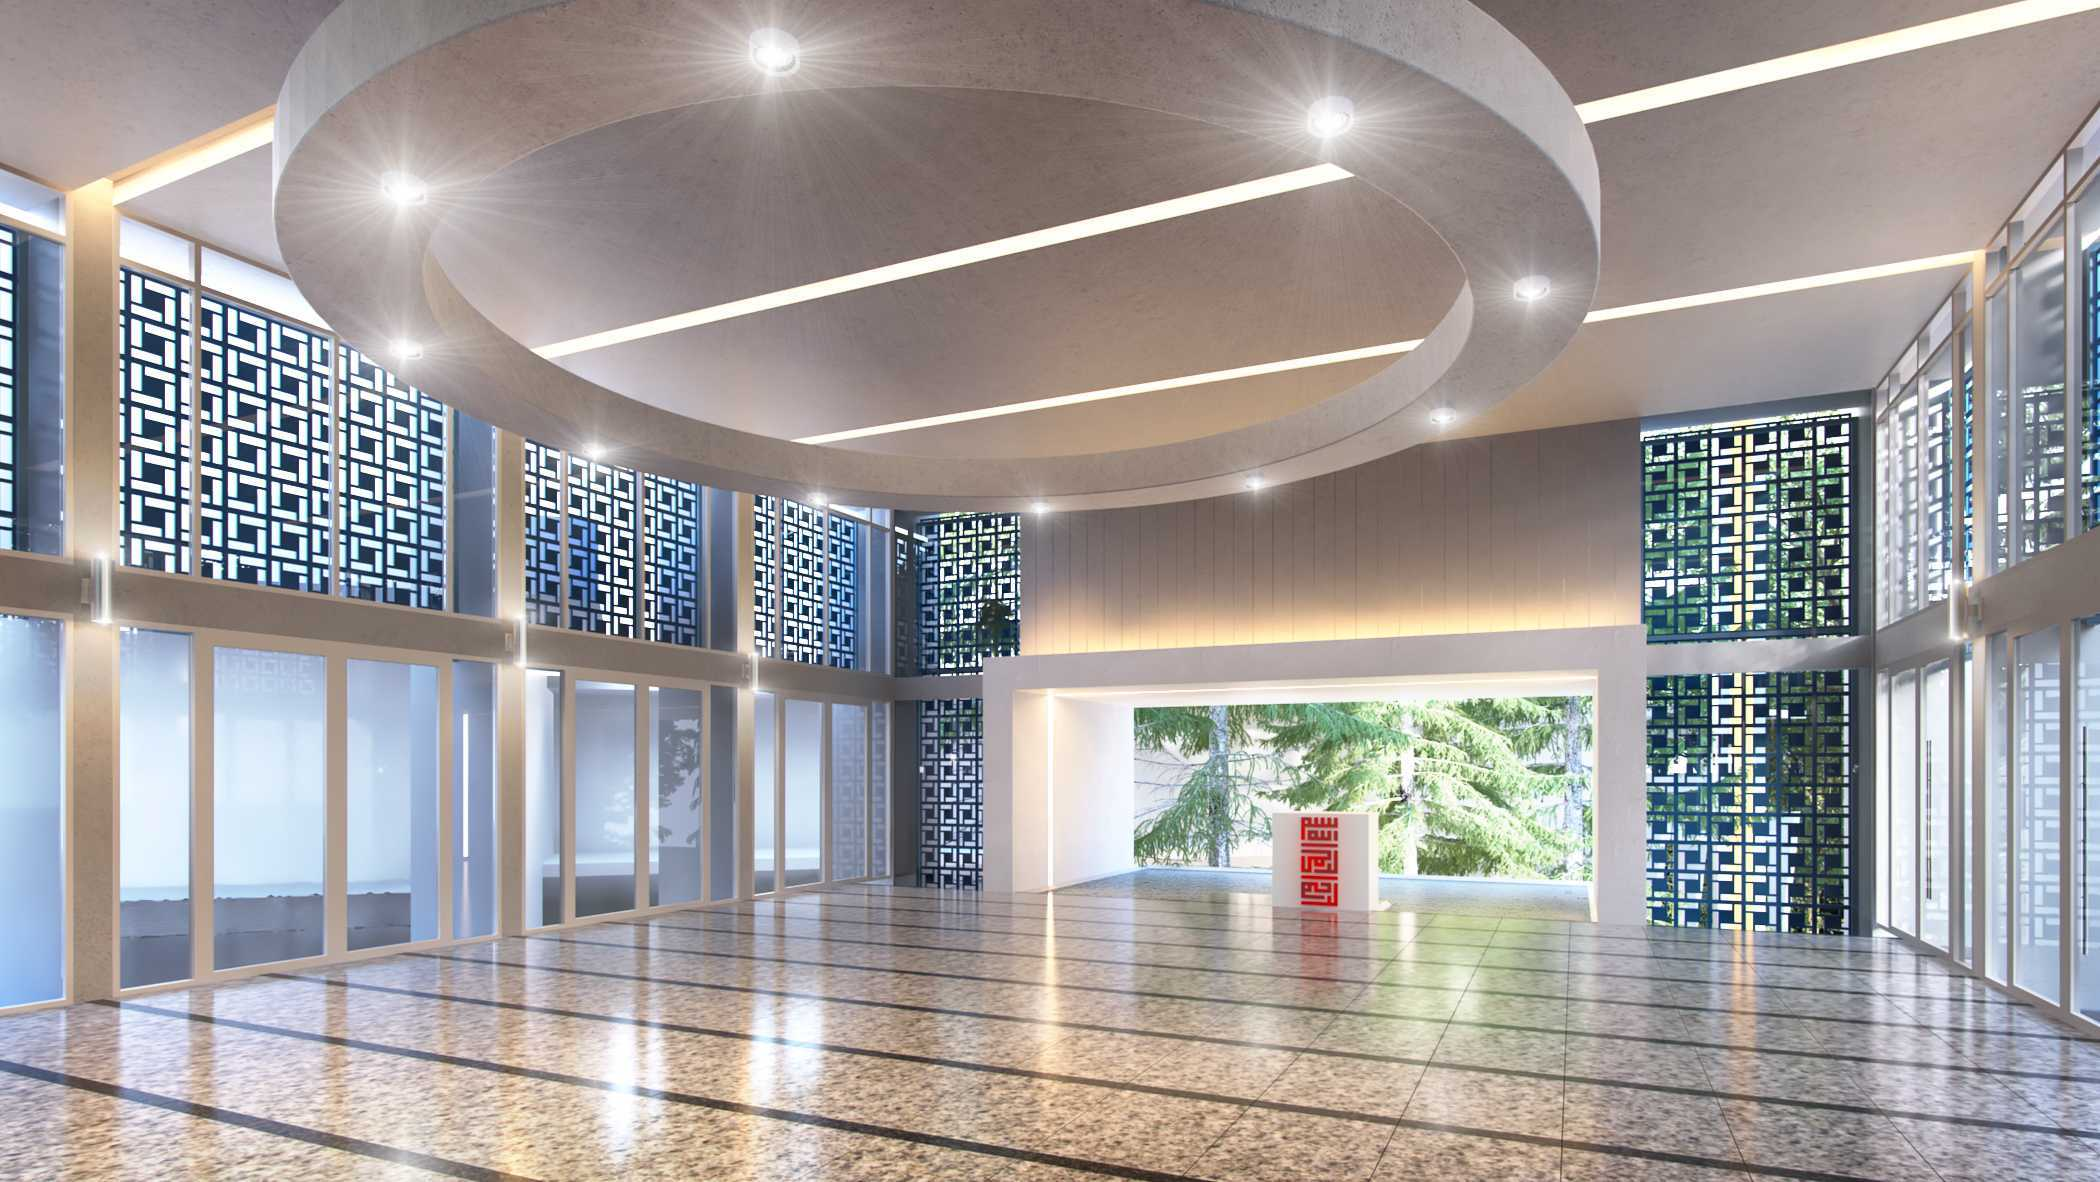 Sebagai bangunan yang menjadi fasilitas dalam komplek PDAM Tirtawening Bandung, Maaimmaskuub Mosque ini dibangun berlantai dua untuk mengakomodir lebih banyak jamaah. Bekerja sama dengan arsitek Angky Abiyasa, sang desainer mengembangkan bangunan dengan konsep air menciptakan desain masjid minimalis namun elegan.